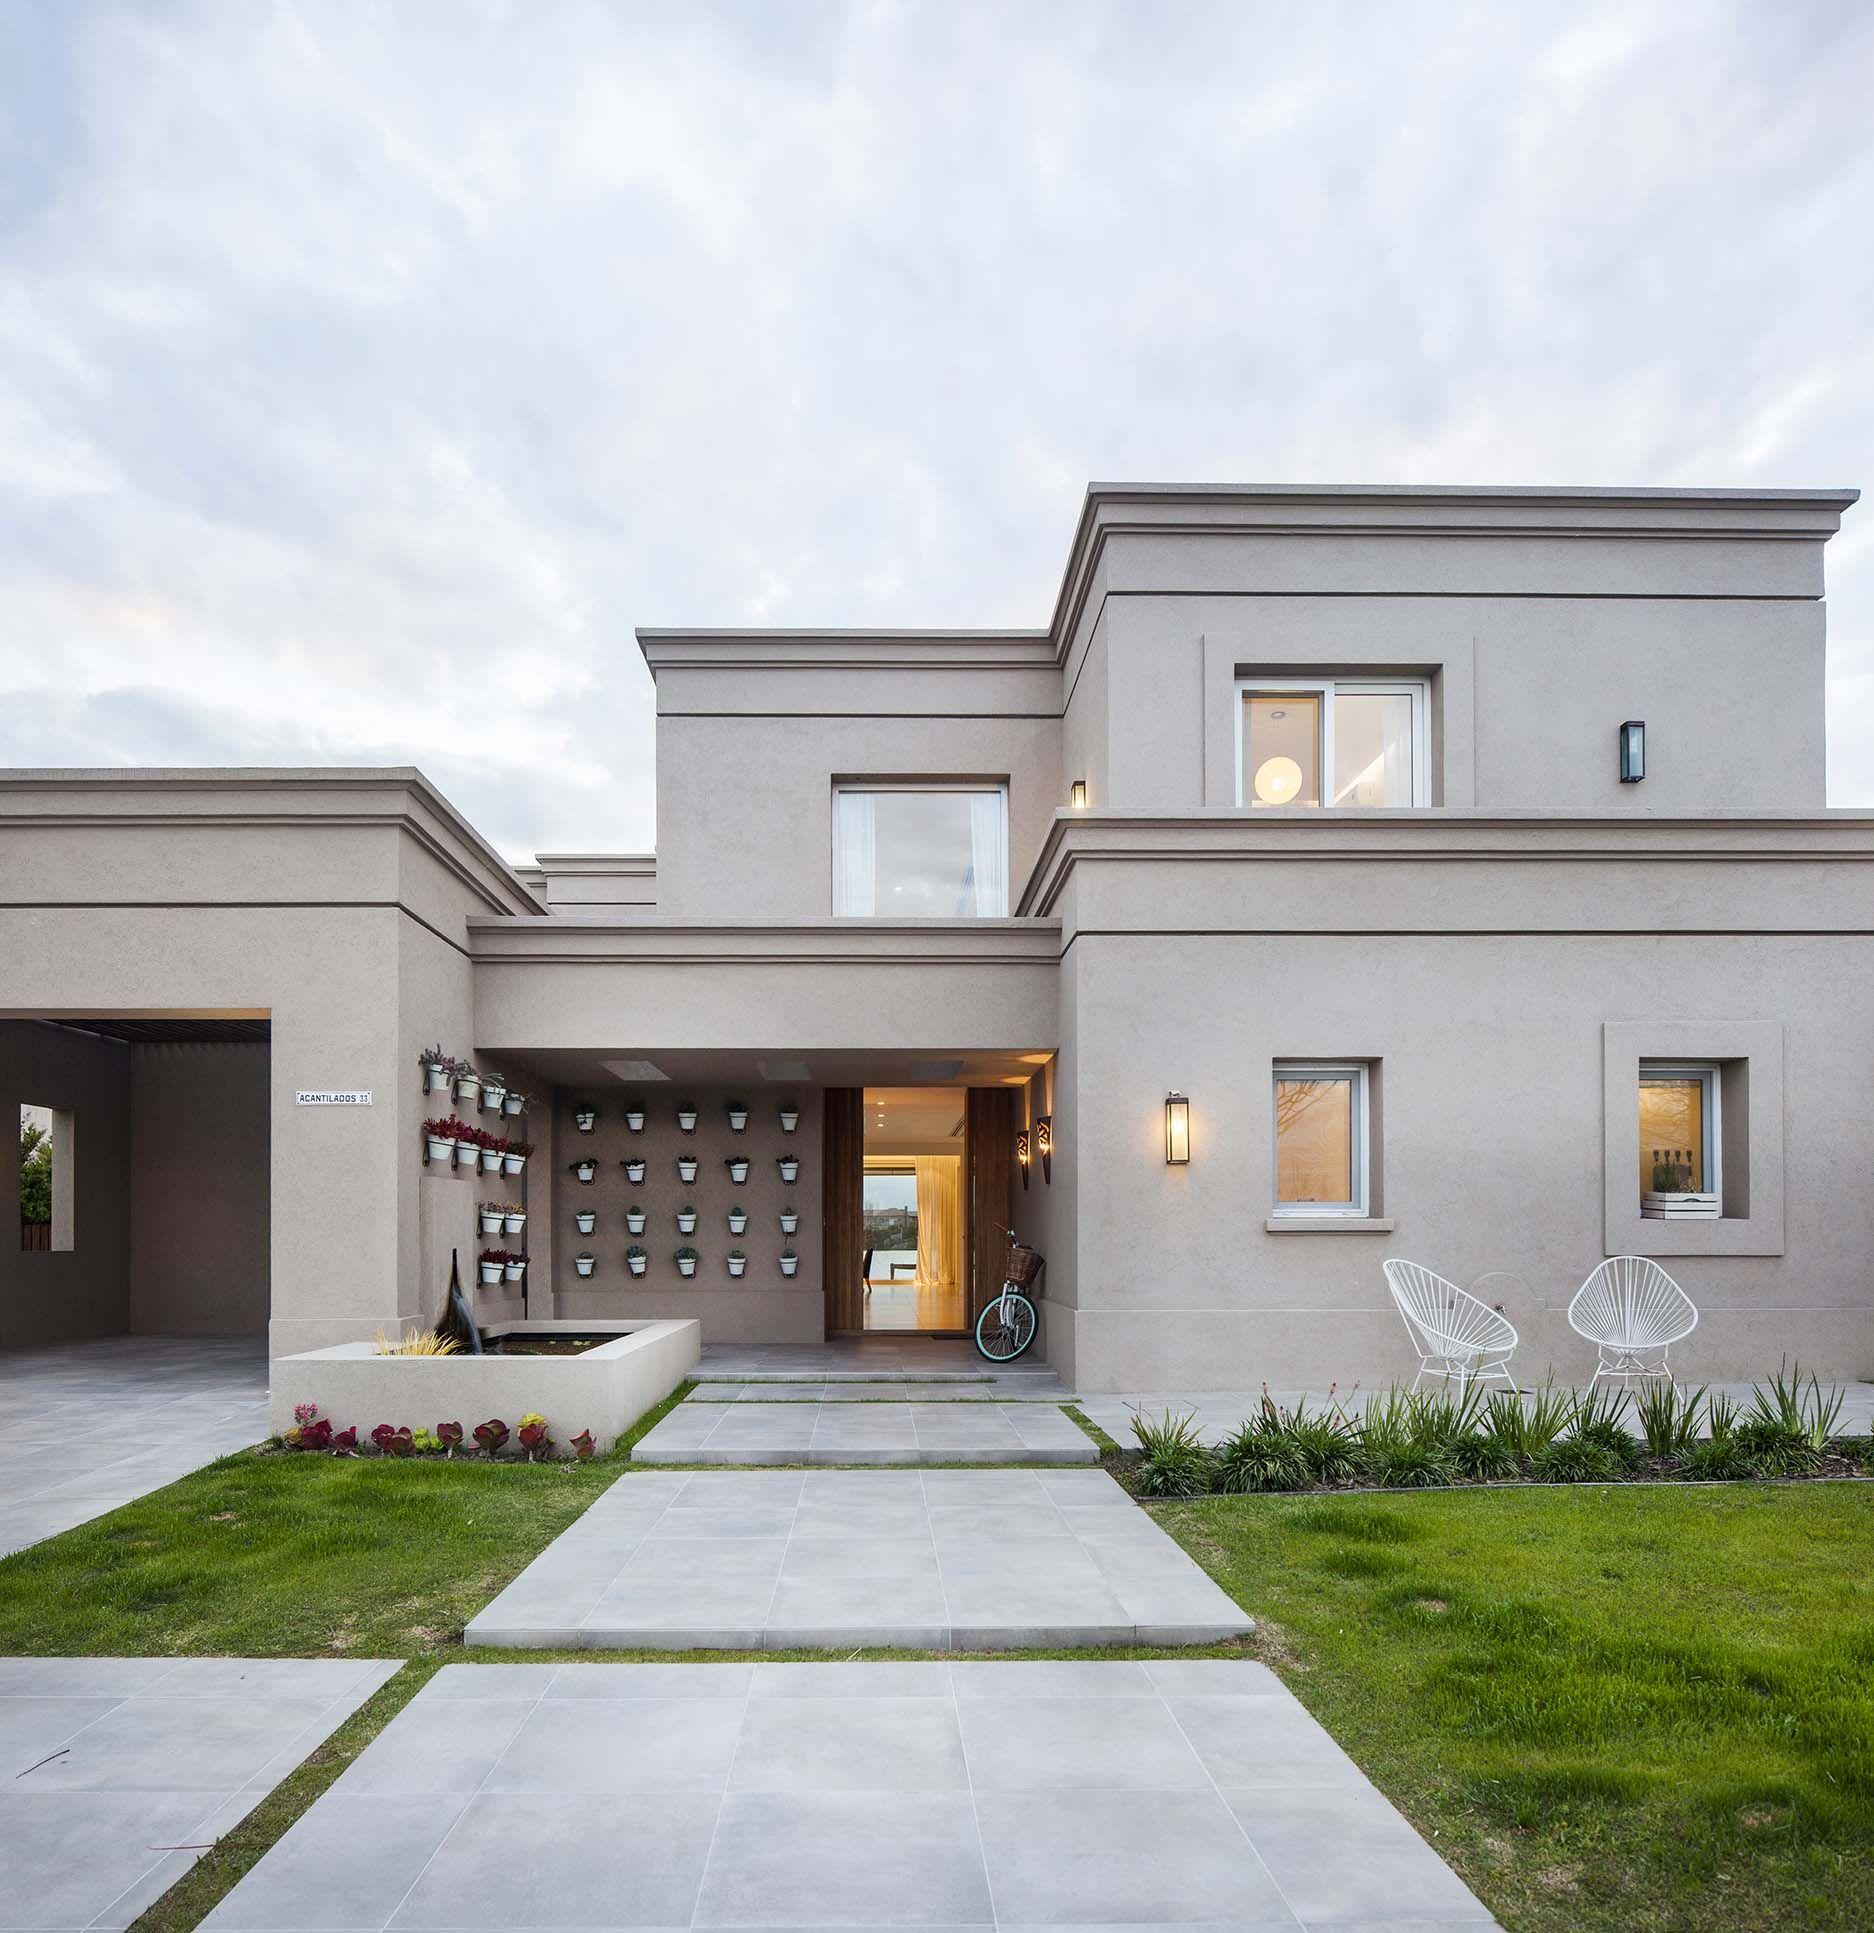 Resultado de imagen para pereyra iraola valls arquitectos entrada pinterest casas - Arquitectos casas modernas ...